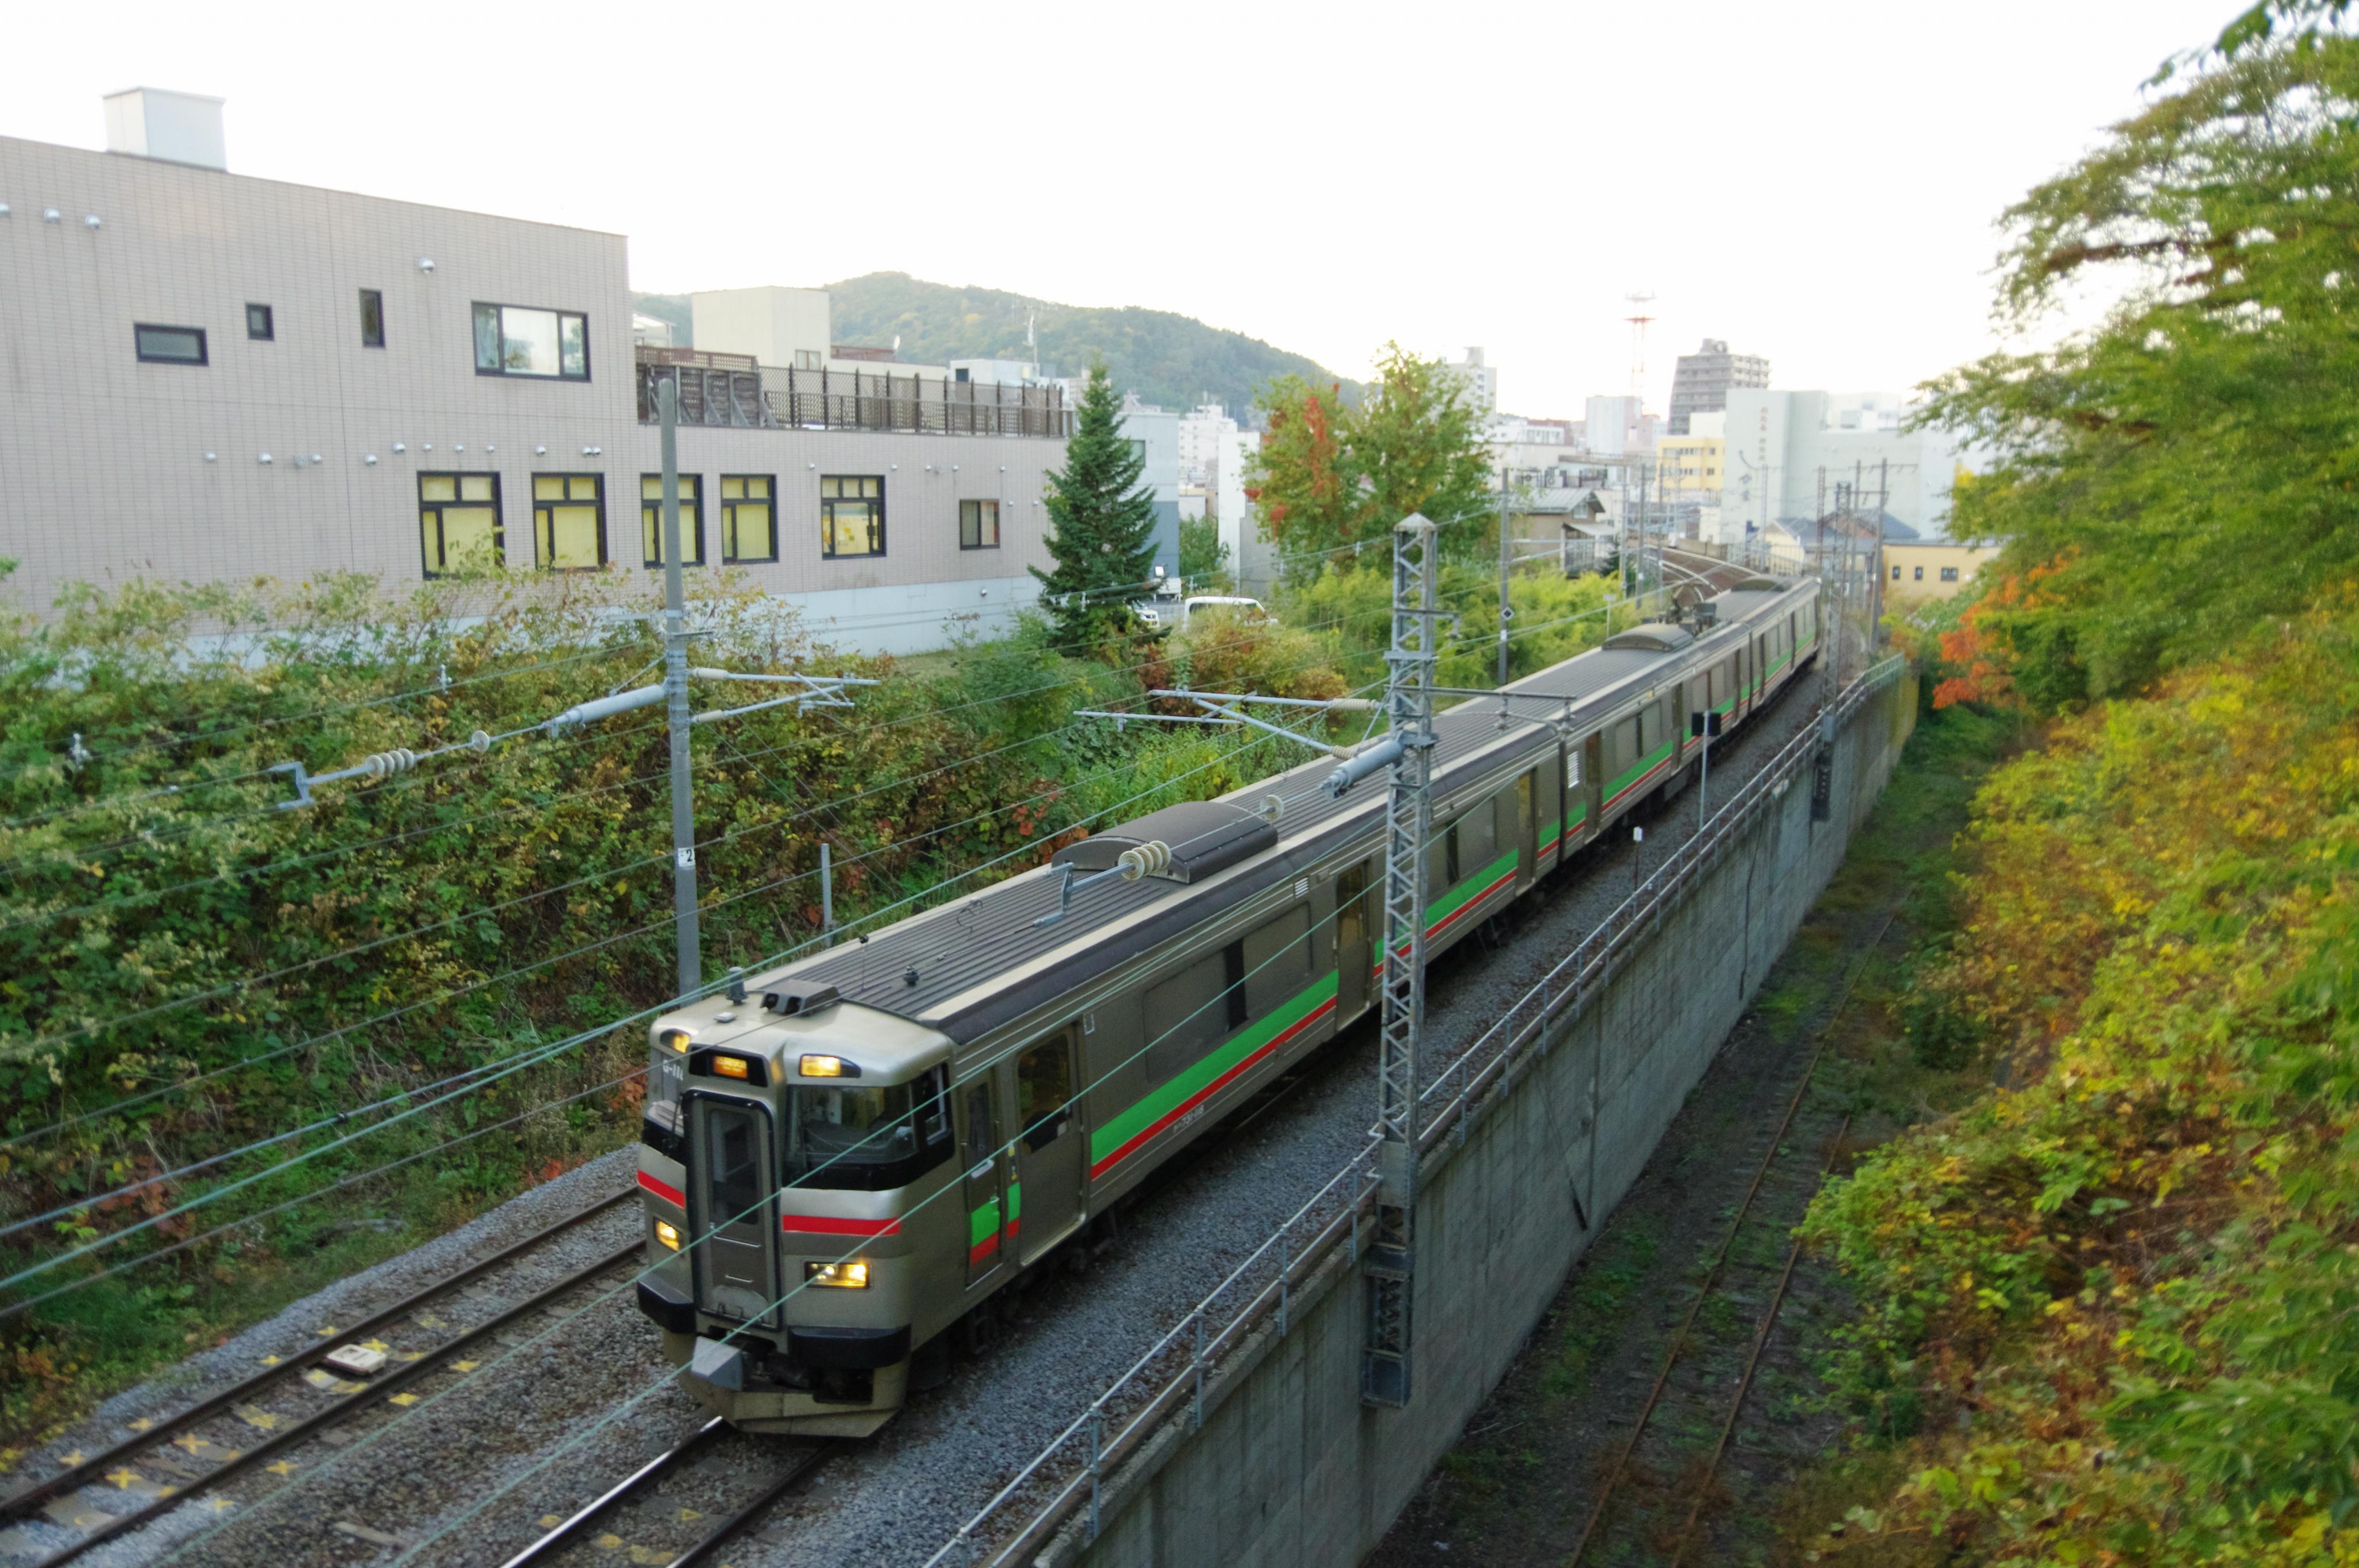 731系 3447M 区間快速いしかりライナー 小樽−南小樽 花園橋 181022.jpg